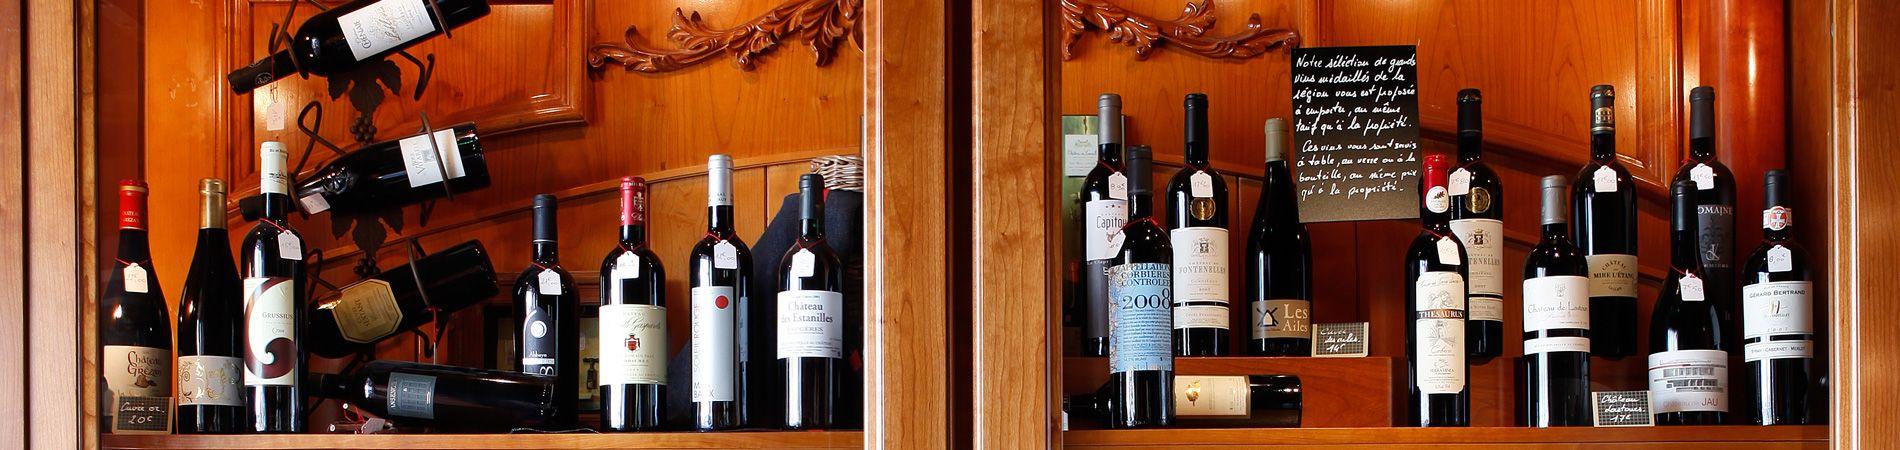 Découvrez les vins du Languedoc-Roussillon